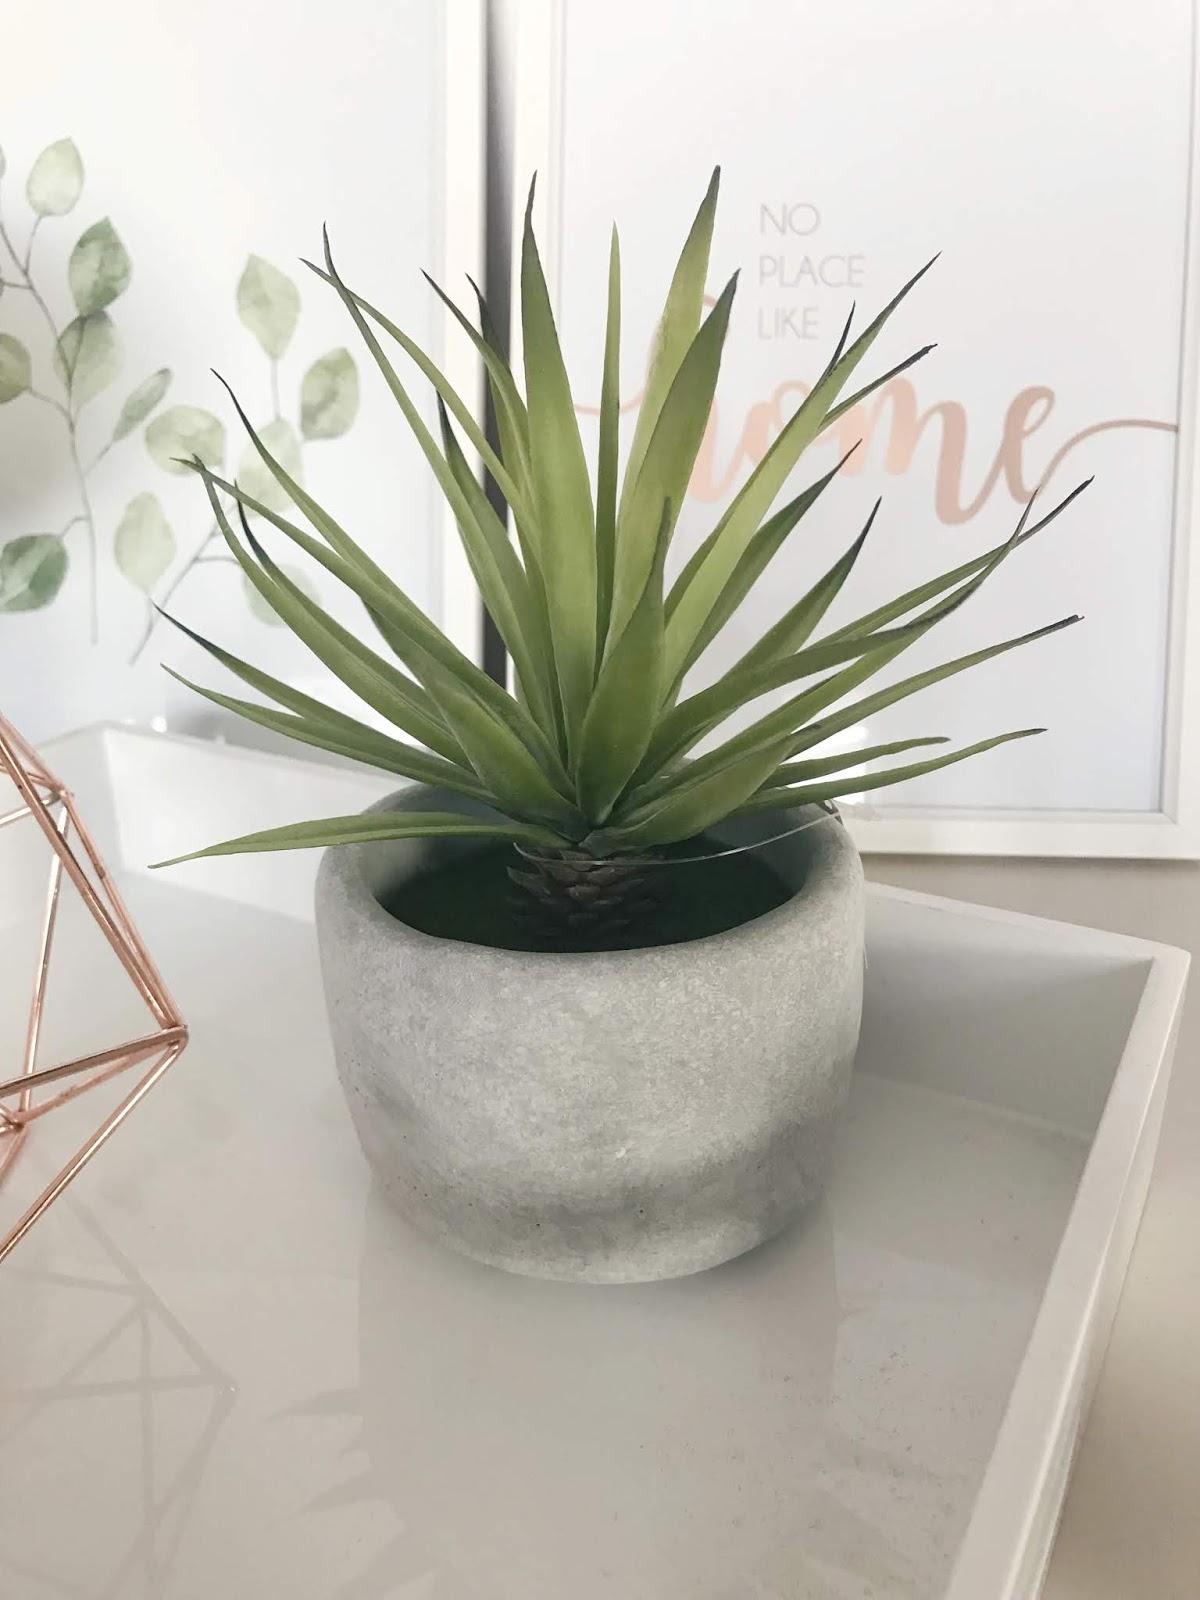 Image of Artificial Yucca Pot Plant, Maisons Du Monde